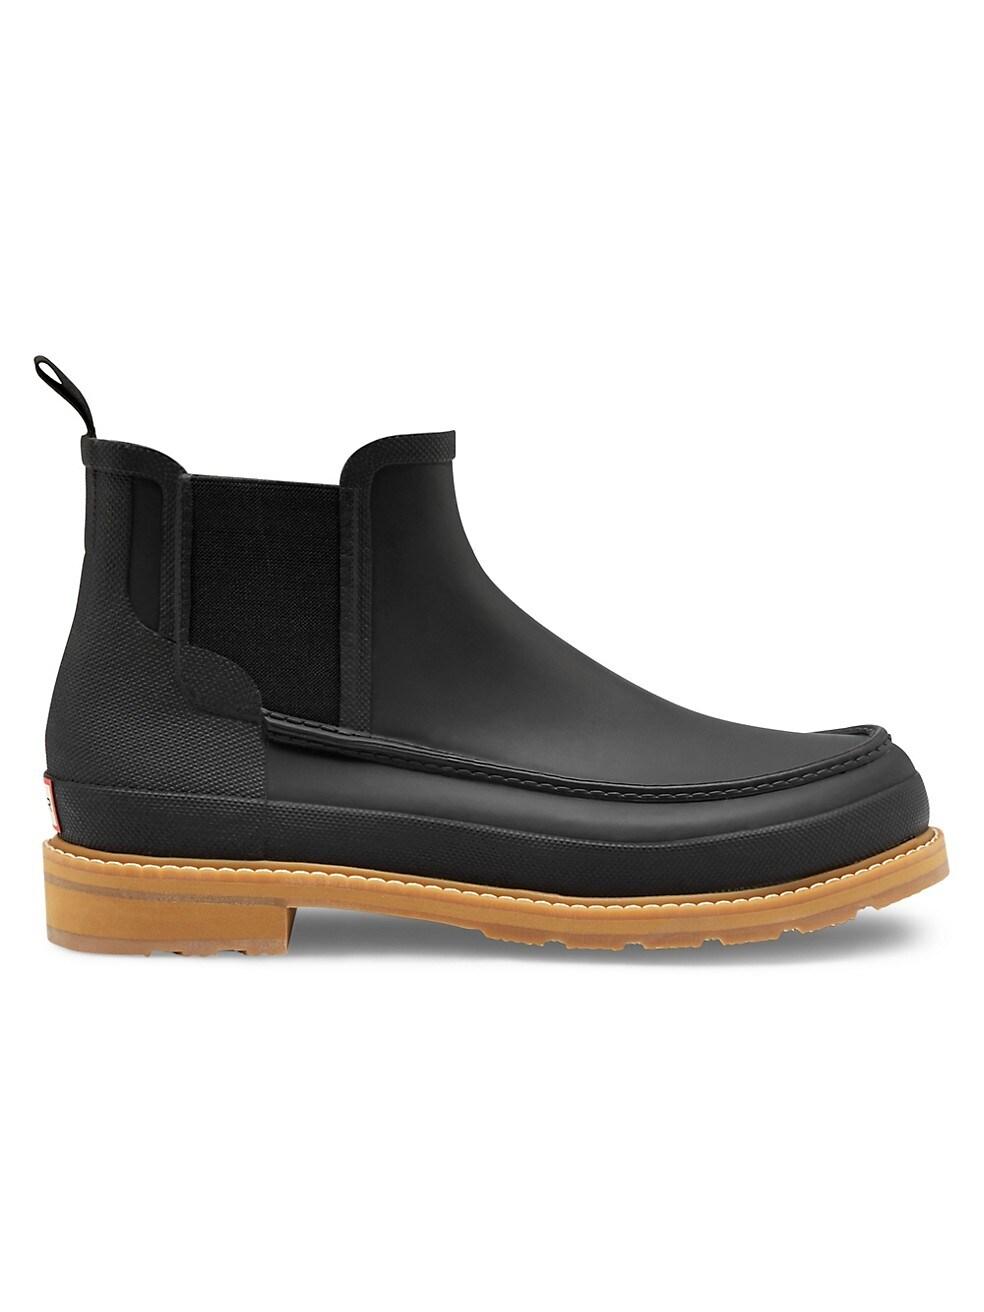 Hunter Original Moc Toe Chelsea Boots